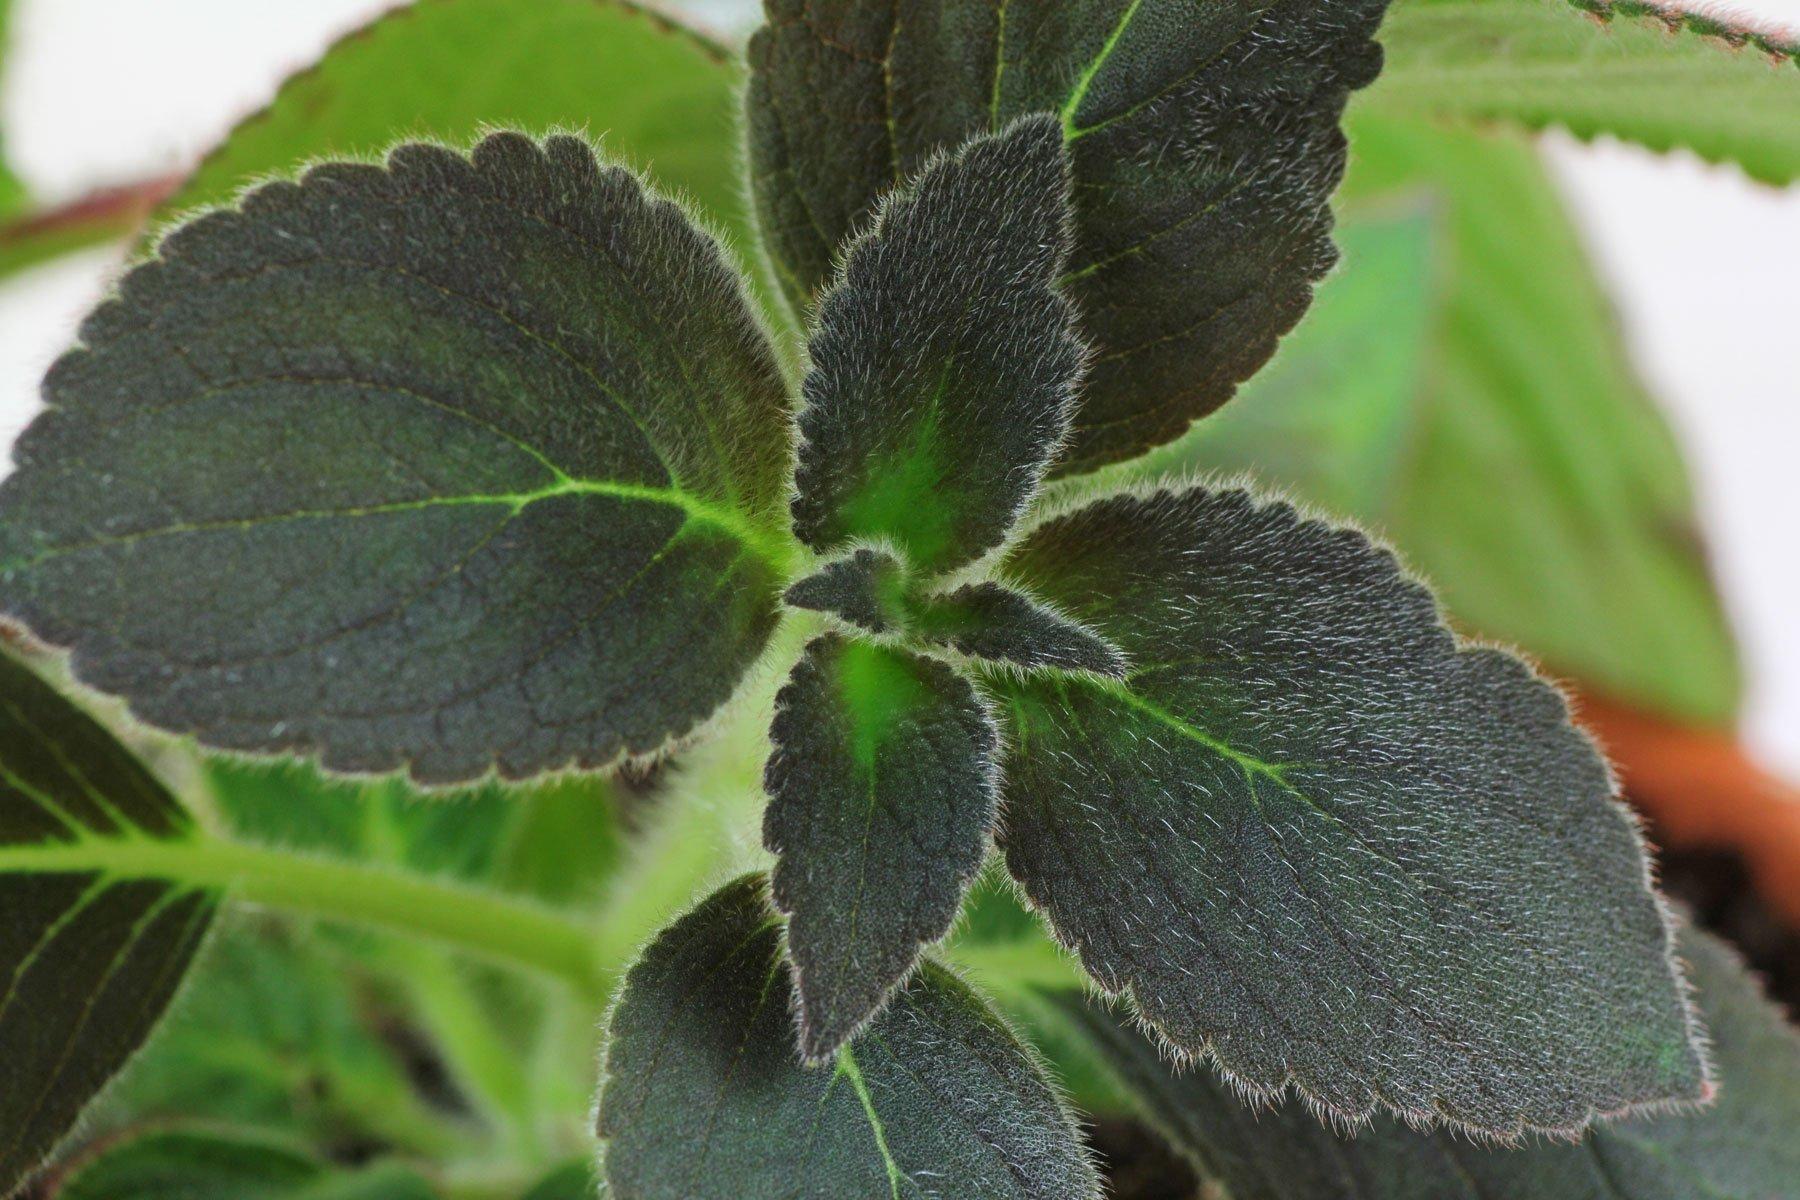 Kohleria warszewiczii Blätter